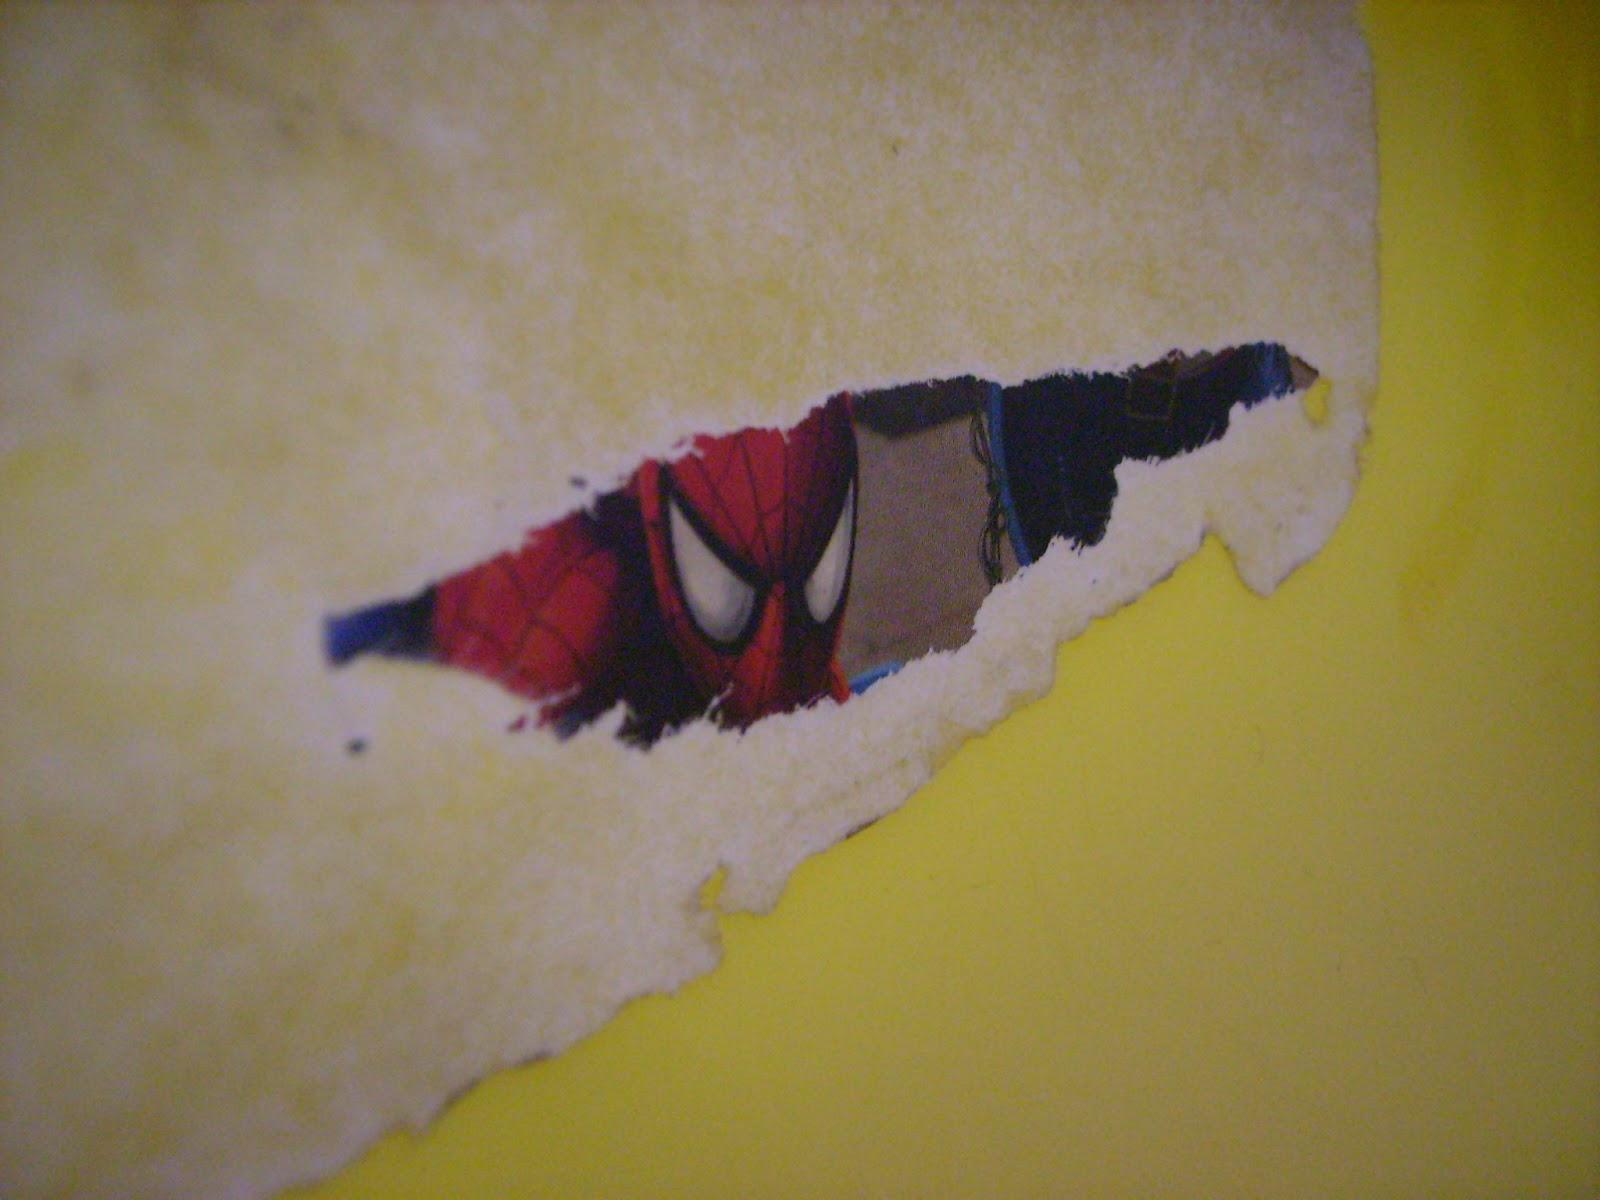 örümcek adam figuru